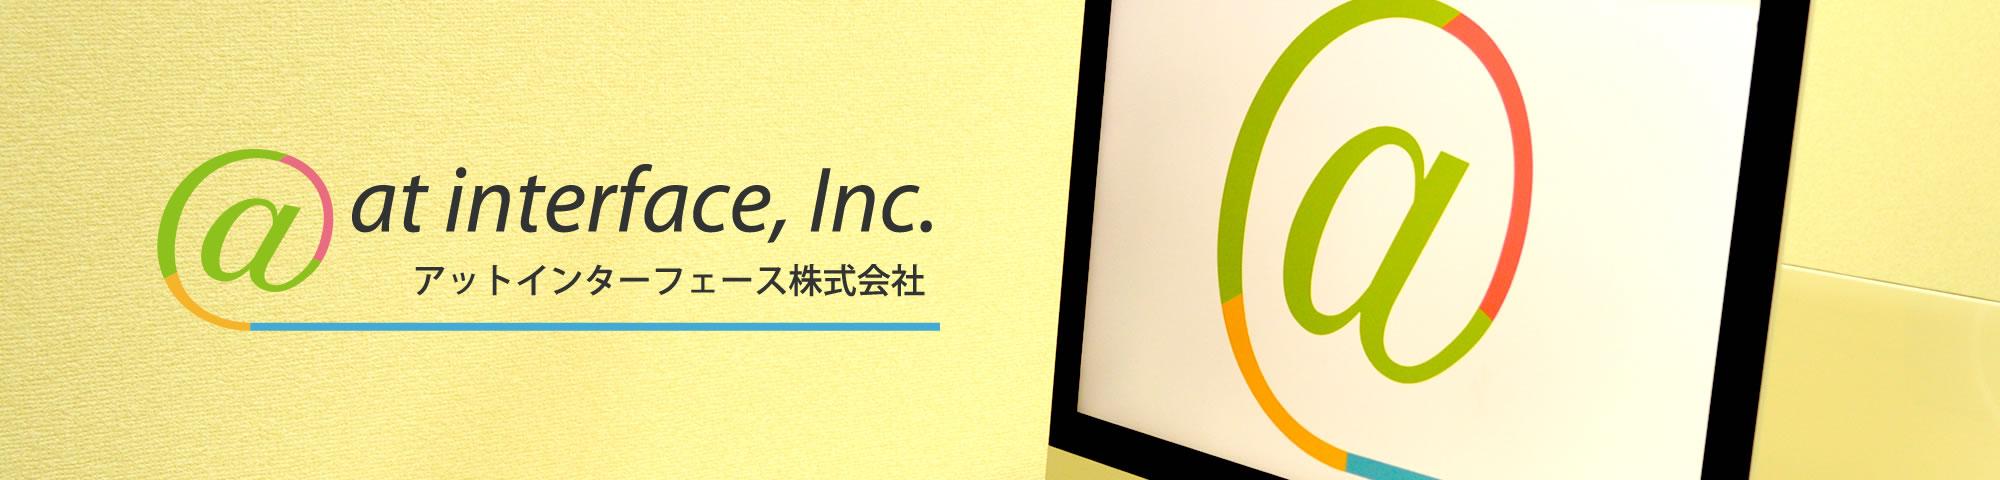 仙台でホームページ制作なら現在必須のスマホ・タブレット・モバイル対応も可能な弊社へ